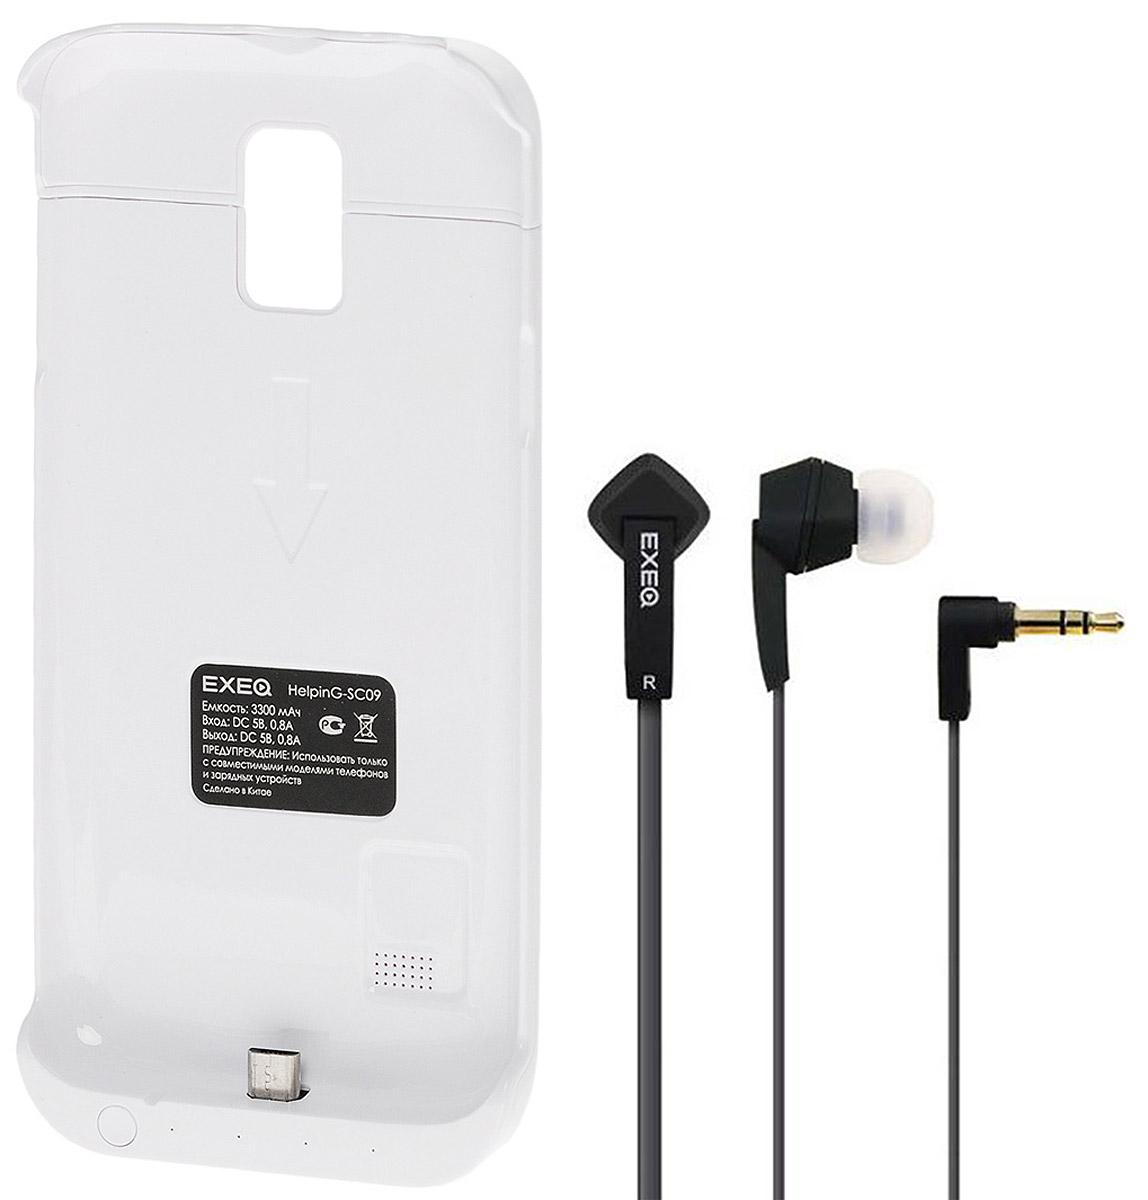 EXEQ HelpinG-SC09 чехол-аккумулятор для Samsung Galaxy S5 mini, White (3300 мАч, клип-кейс)HelpinG-SC09 WHExeq HelpinG-SC09 - компактный и надежный чехол-аккумулятор для Samsung Galaxy S5 mini. Как чехол Exeq HelpinG-SC09 надежно защитит заднюю панель вашего смартфона от ударов, царапин и загрязнений, как внешний аккумулятор с емкостью в 3300 мАч Exeq HelpinG-SC09 обеспечит дополнительную подпитку батареи смартфона в самые необходимые моменты. При этом чехол-аккумулятор имеет настолько компактные размеры, что его подсоединение практически не повлияет на габариты самого смартфона. Да и весит чехол с аккумулятором всего 69 г, что также не сильно утяжелит ваш любимый смартфон.В качестве приятного дополнения Exeq HelpinG-SC09 имеет выдвижную подставку. Специальная конструкция чехла с выдвижной верхней частью позволит удобно и надежно поместить телефон в чехол, а при необходимости, легко и быстро достать телефон из чехла. Хотя извлекать телефон из надежного аксессуара вам вряд ли понадобится - заряжать телефон можно непосредственно в чехле, подключив к нему зарядное устройство телефона и нажав кнопку питания на чехле. Если кнопку питания не нажимать, то будет происходить зарядка чехла-аккумулятора. Состояние уровня заряда батареи чехла-аккумулятора отражают 4 индикатора на нижней части корпуса аксессуара (каждый индикатор отвечает за уровень батареи в 25%).В комплект также входят высококачественные наушники Exeq HPC-002 с плоским кабелем с защитой от спутывания. Для блокировки нежелательных шумов в комплекте с наушниками поставляются мягкие силиконовые амбушюры 3-х размеров, которые удобно помещаются в ушах и не оказывают давления на ушную раковину. Прочный L-образный штекер с позолоченным коннектором 3,5 мм позволит комфортно подключить Exeq HPC-002 ко многим портативным устройствам.Технические характеристики Exeq HPC-002:Частотный диапазон: 19-20000 ГцДинамики: 10 ммЧувствительность: 105 дБИмпеданс: 16 ОмДлина кабеля: 1,3 м